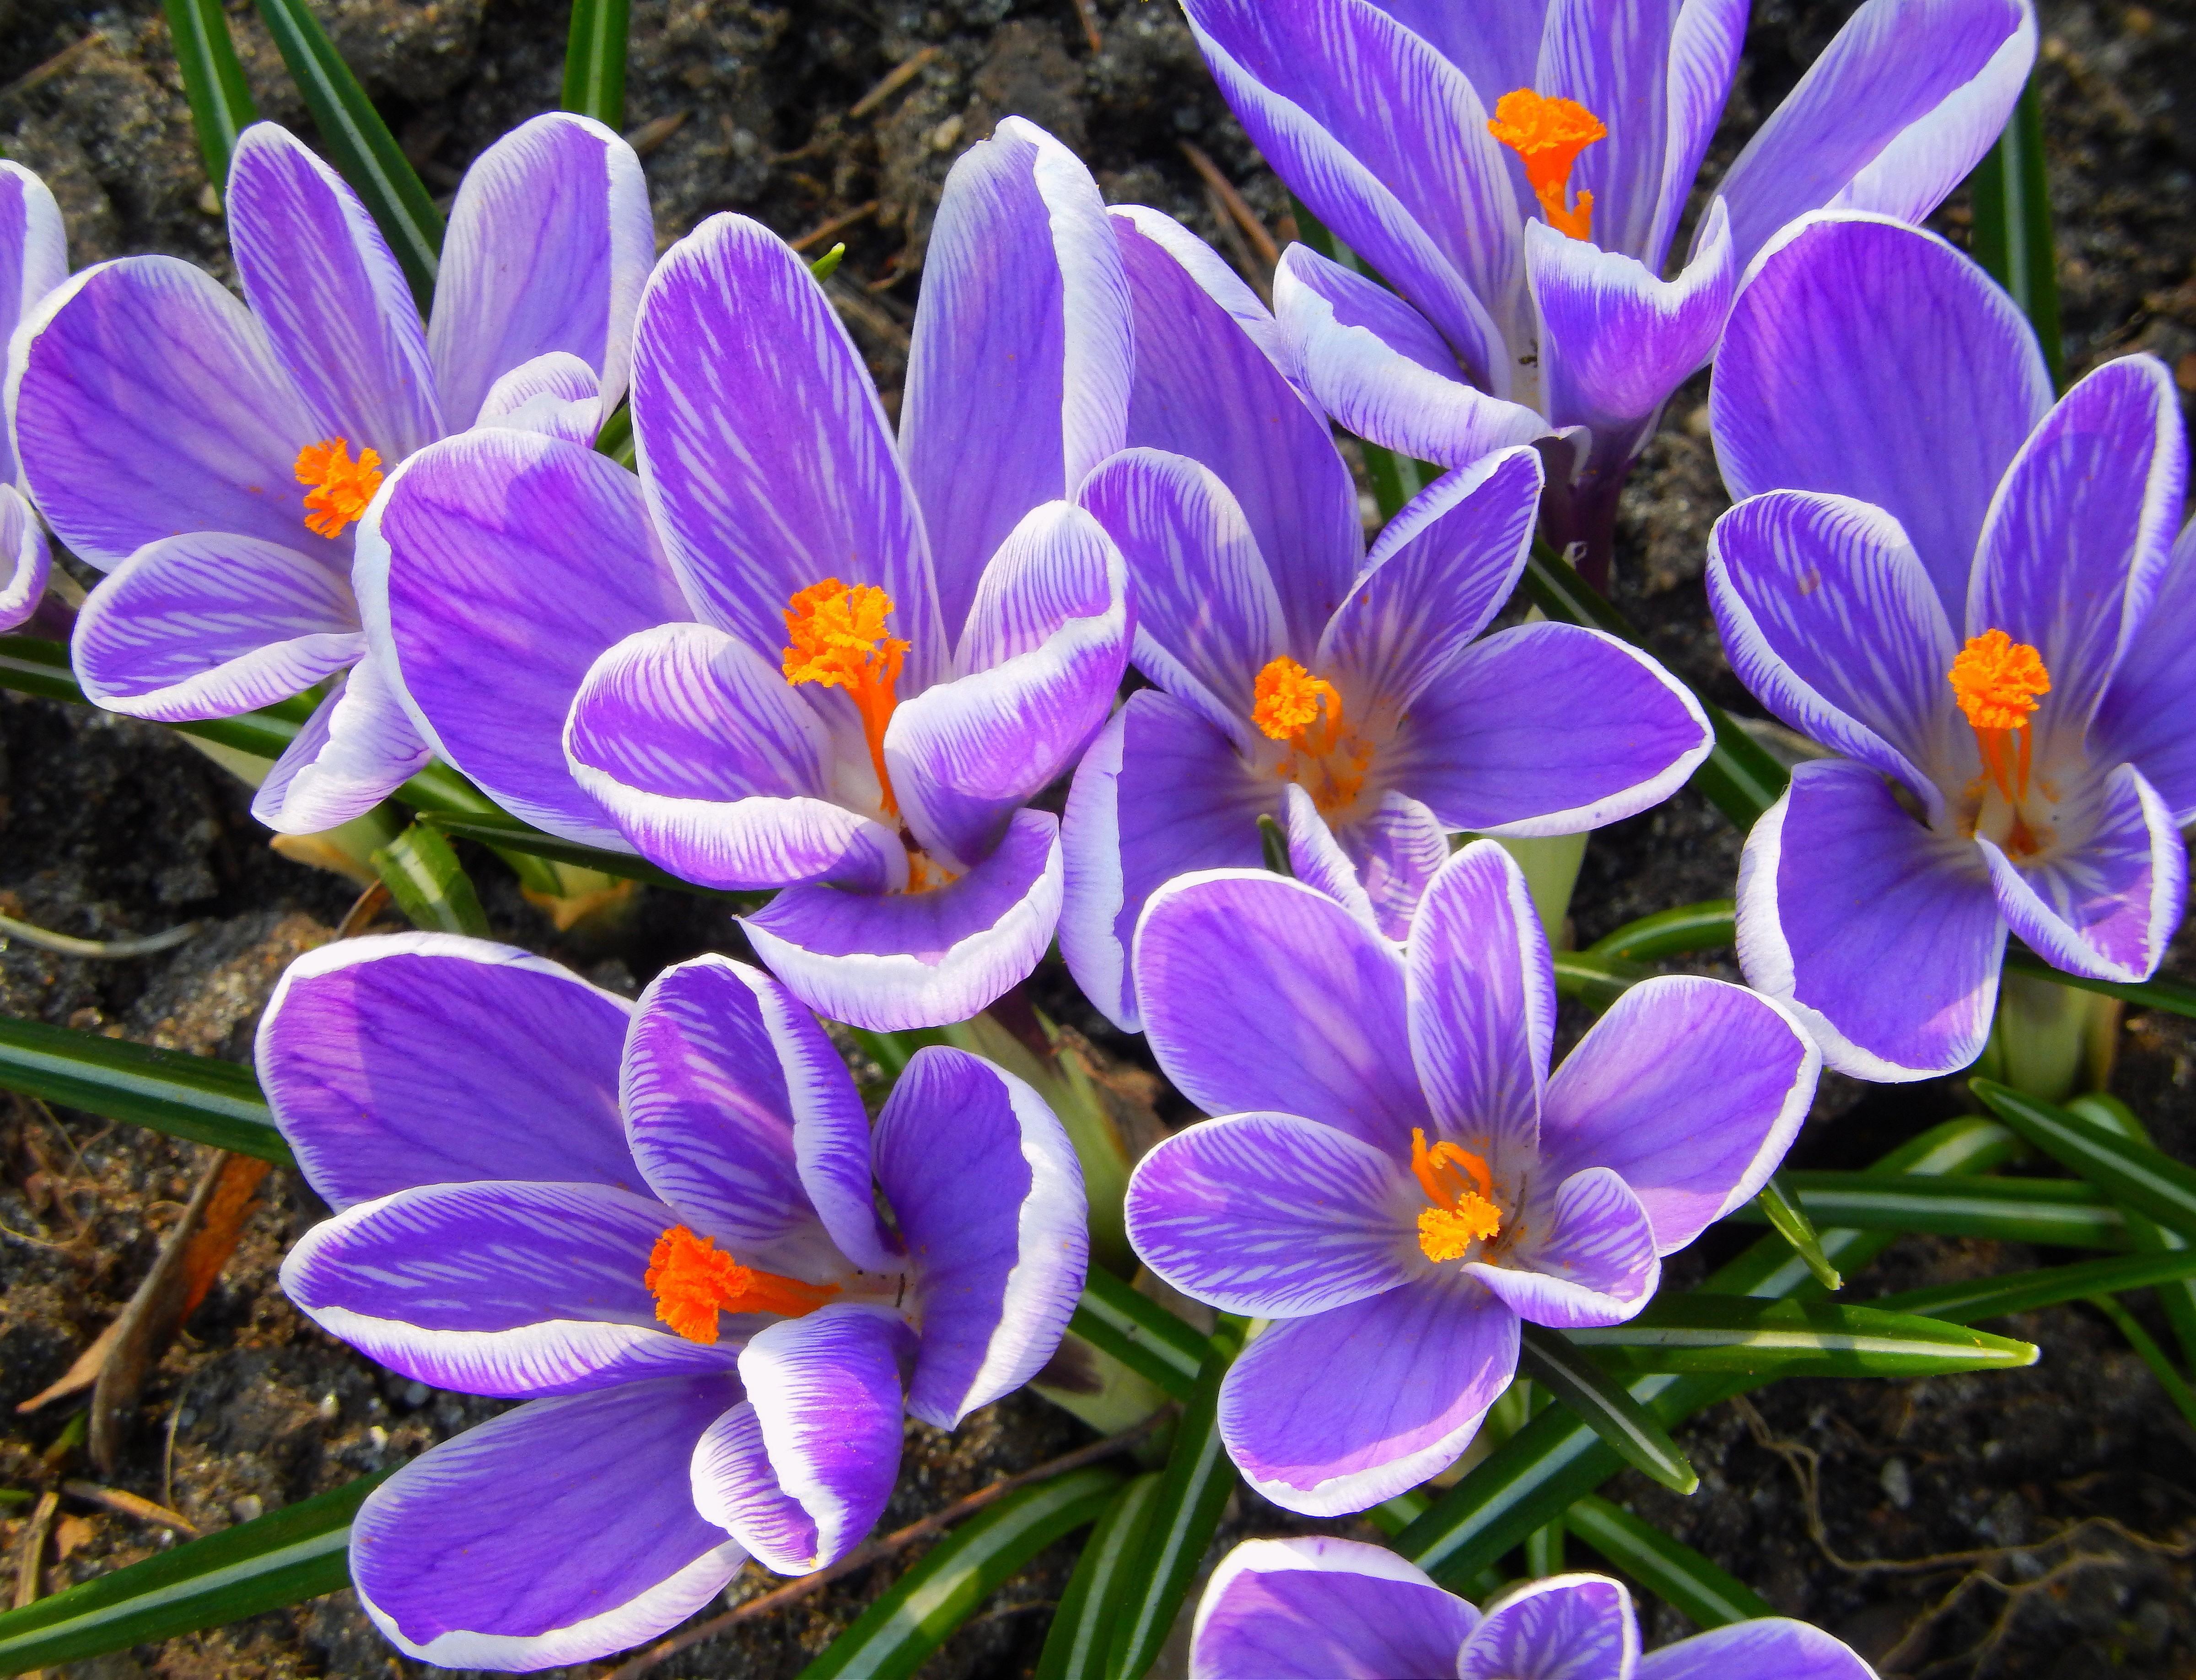 фото цветов крокусы: